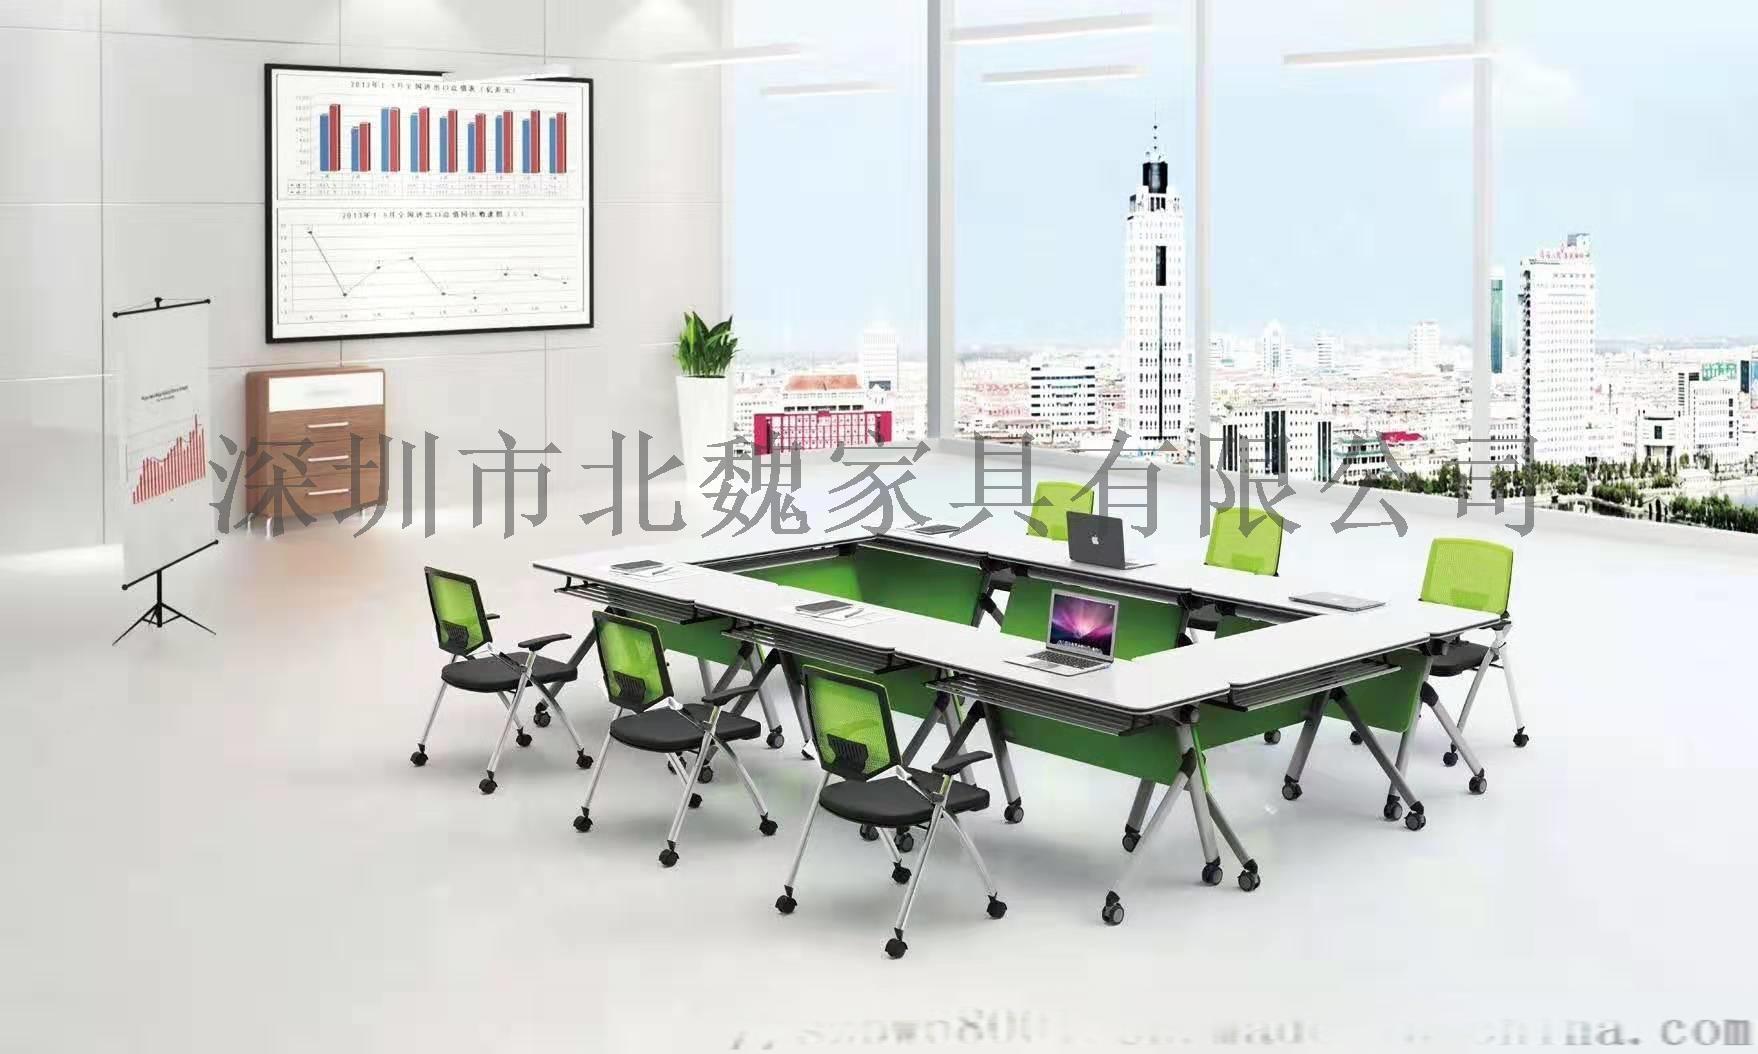 培训班折叠桌椅-员工折叠培训桌椅-可移动培训桌椅123205505